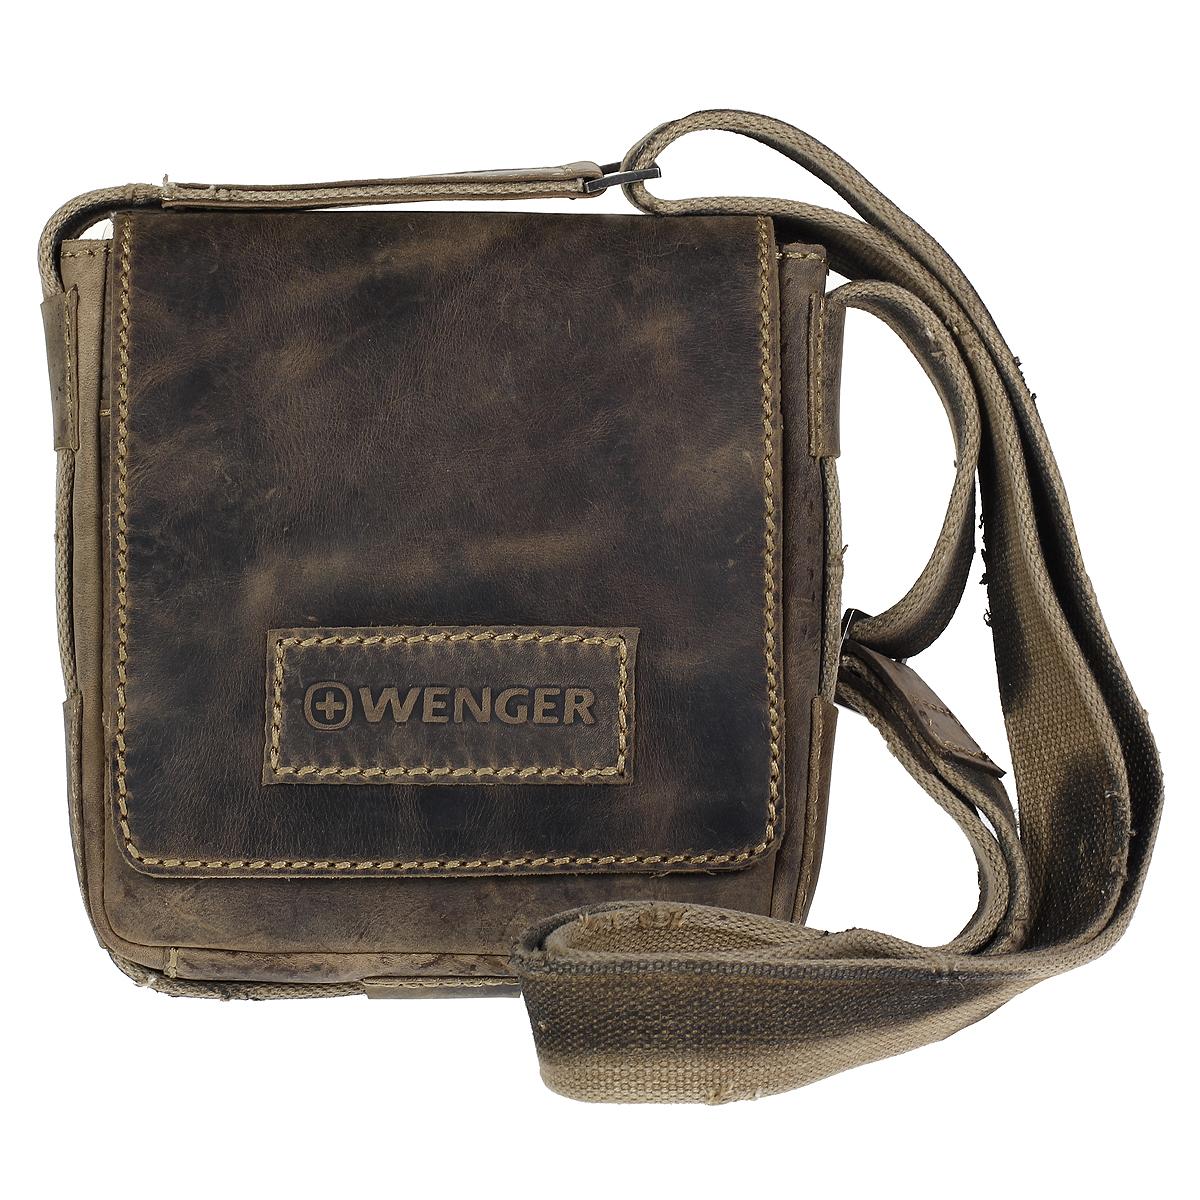 Сумка-планшет мужская Wenger Stonehide, цвет: светло-коричневый. W16-018-2Сумка-планшет Wenger Stonehide выполнена из крепкой эластичной бычьей кожи, обработанной по традиционной технологии - грубые швы, состаренные ремни. Такая сумка будет уместна везде - на деловой встрече, учебе или работе.Сумка имеет одно отделение и закрывается широким клапаном на магнитную кнопку. Внутри - вшитый карман на молнии, шесть кармашков для кредиток или визитных карточек, два держателя для пишущих инструментов, карман для мобильного телефона и открытый накладной кармашек для мелочей. На задней стенке - вшитый карман на молнии. Сумка-планшет оснащена текстильным плечевым ремнем регулируемой длины. Стильная, практичная и компактная сумка-планшет в стиле кэжуал - для современного мужчины. Кожаные сумки Wenger - модные, функциональные, высококачественные сумки с уникальным дизайном.По всем вопросам гарантийного и постгарантийного обслуживания рюкзаков, чемоданов, спортивных и кожаных сумок, а также портмоне марок Wenger и SwissGear вы можете обратиться в сервис-центр, расположенный по адресу: г. Москва, Саввинская набережная, д.3. Тел: (495) 788-39-96, (499) 248-56-56, ежедневно с 9:00 до 21:00. Подробные условия гарантийного обслуживания приведены в гарантийном талоне, поставляемым в комплекте с каждым изделием. Бесплатный ремонт изделий производится при условии предоставления гарантийного талона и товарного/кассового чека, подтверждающего дату покупки. Характеристики: Материал: натуральная бычья кожа, текстиль, металл. Цвет: светло-коричневый. Размер сумки: 20 см х 22 см х 7 см.